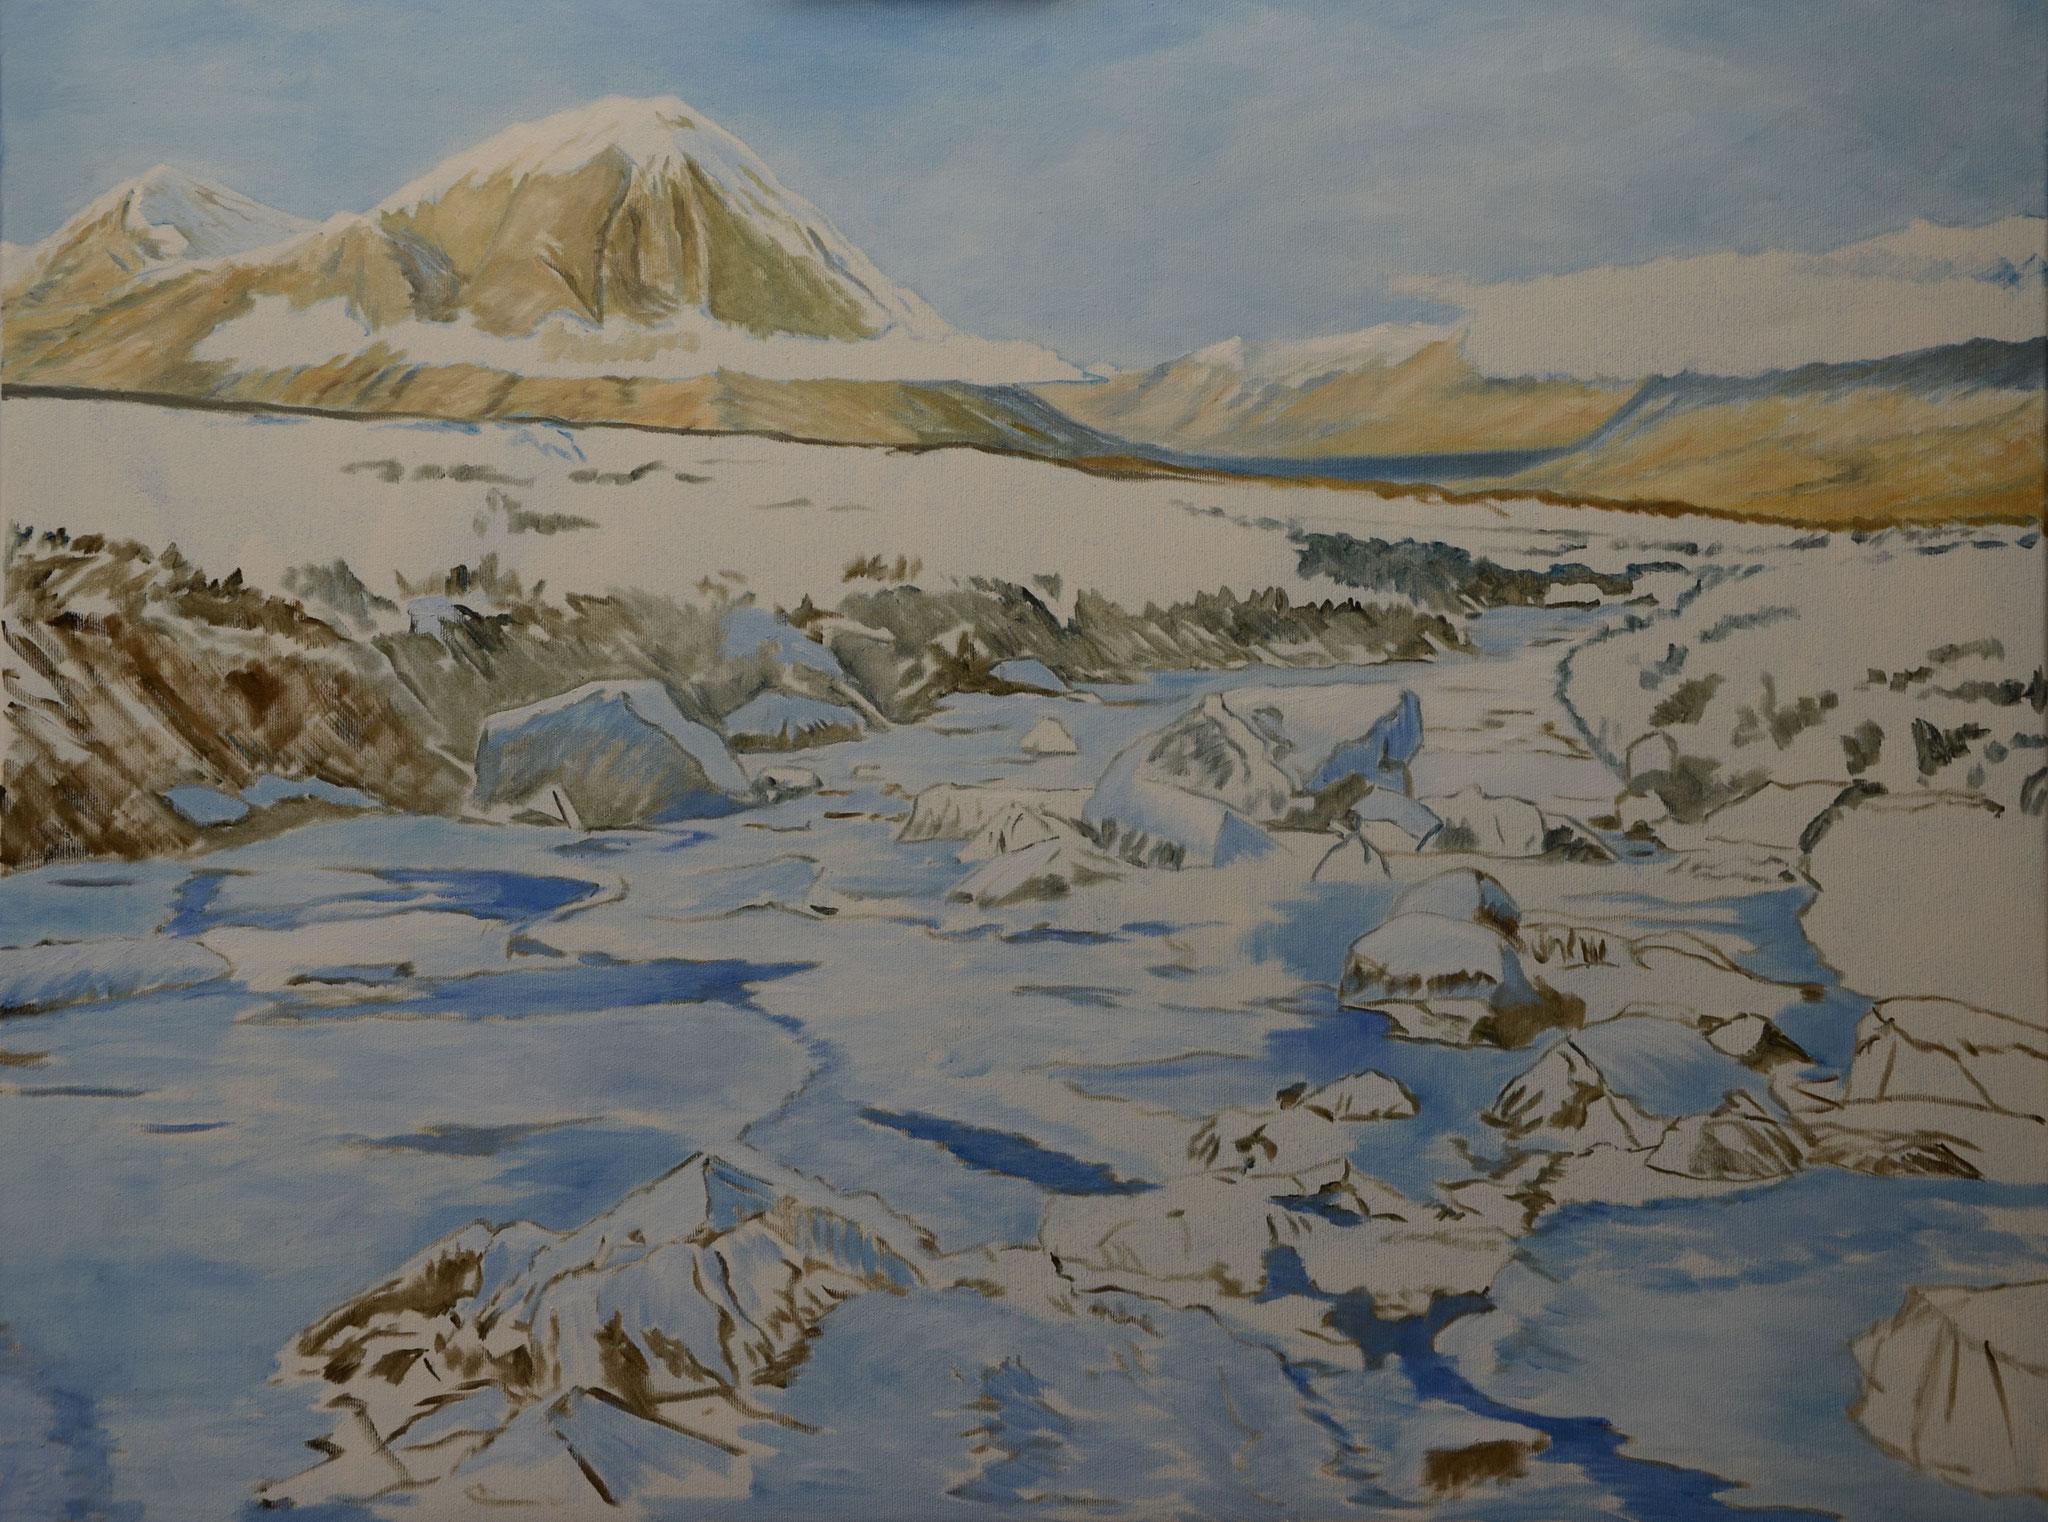 Mittelgrund: Schatten der Wolke am Berghang, Horizontallinie eingebracht